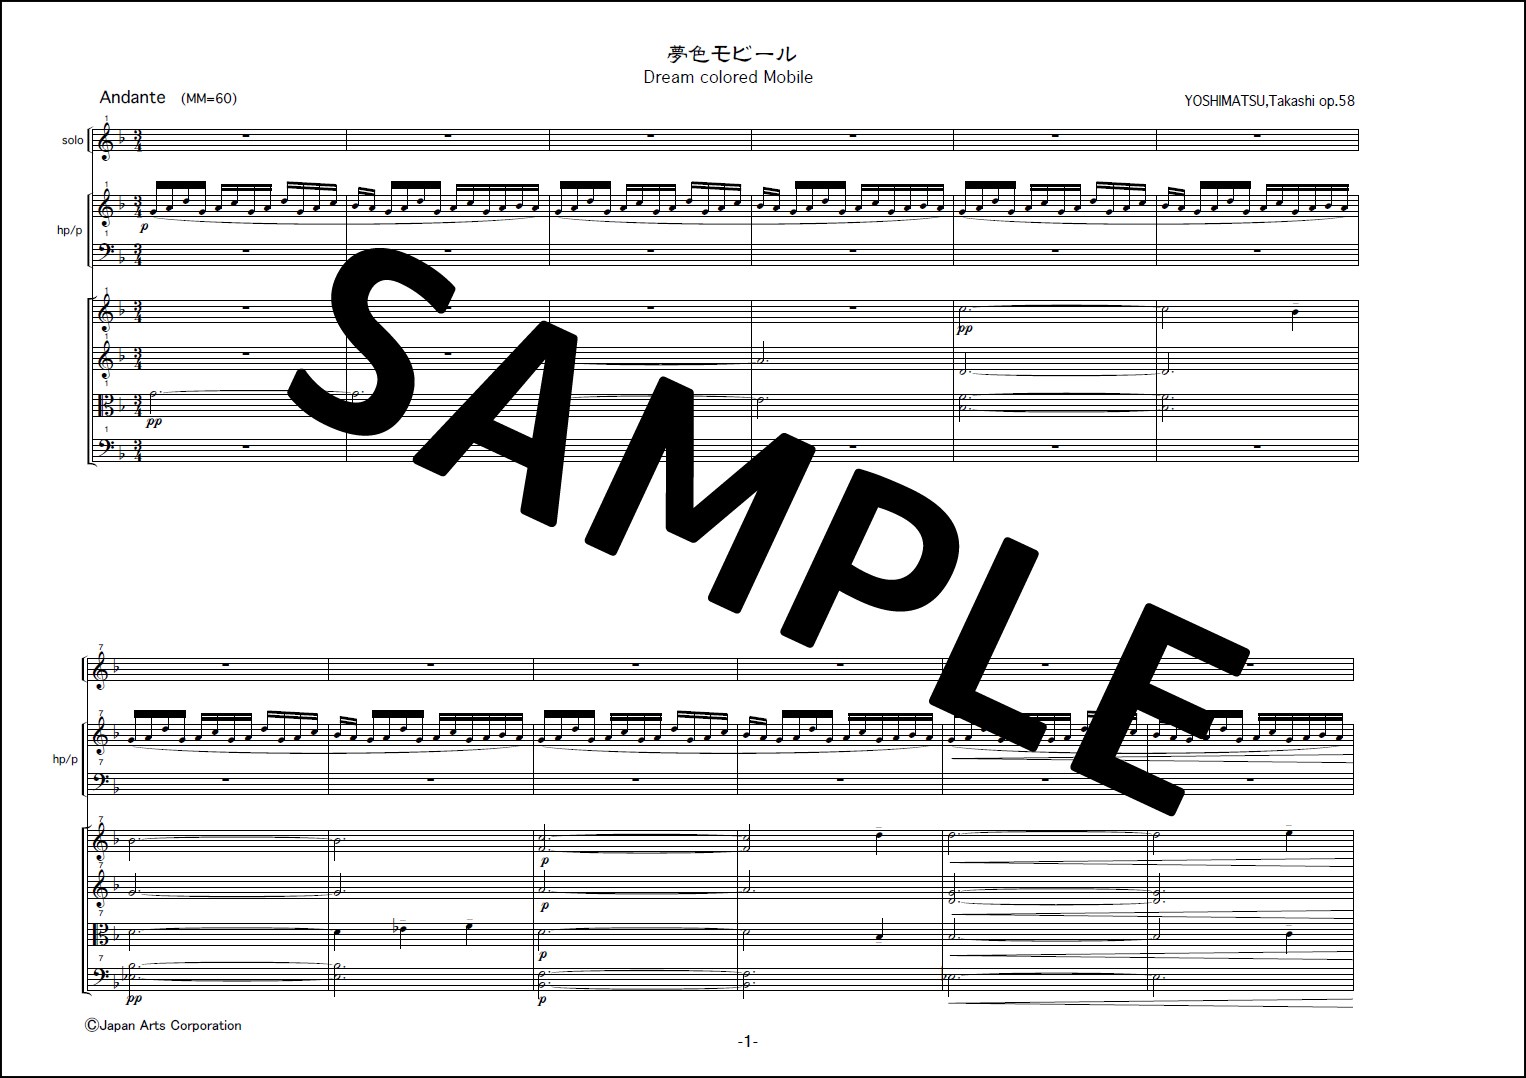 【弦4】『夢色モビール/Dream colored Mobile for solo instrument, harp & String Quartet op.58』ソロ楽器とハープ&弦楽四重奏版